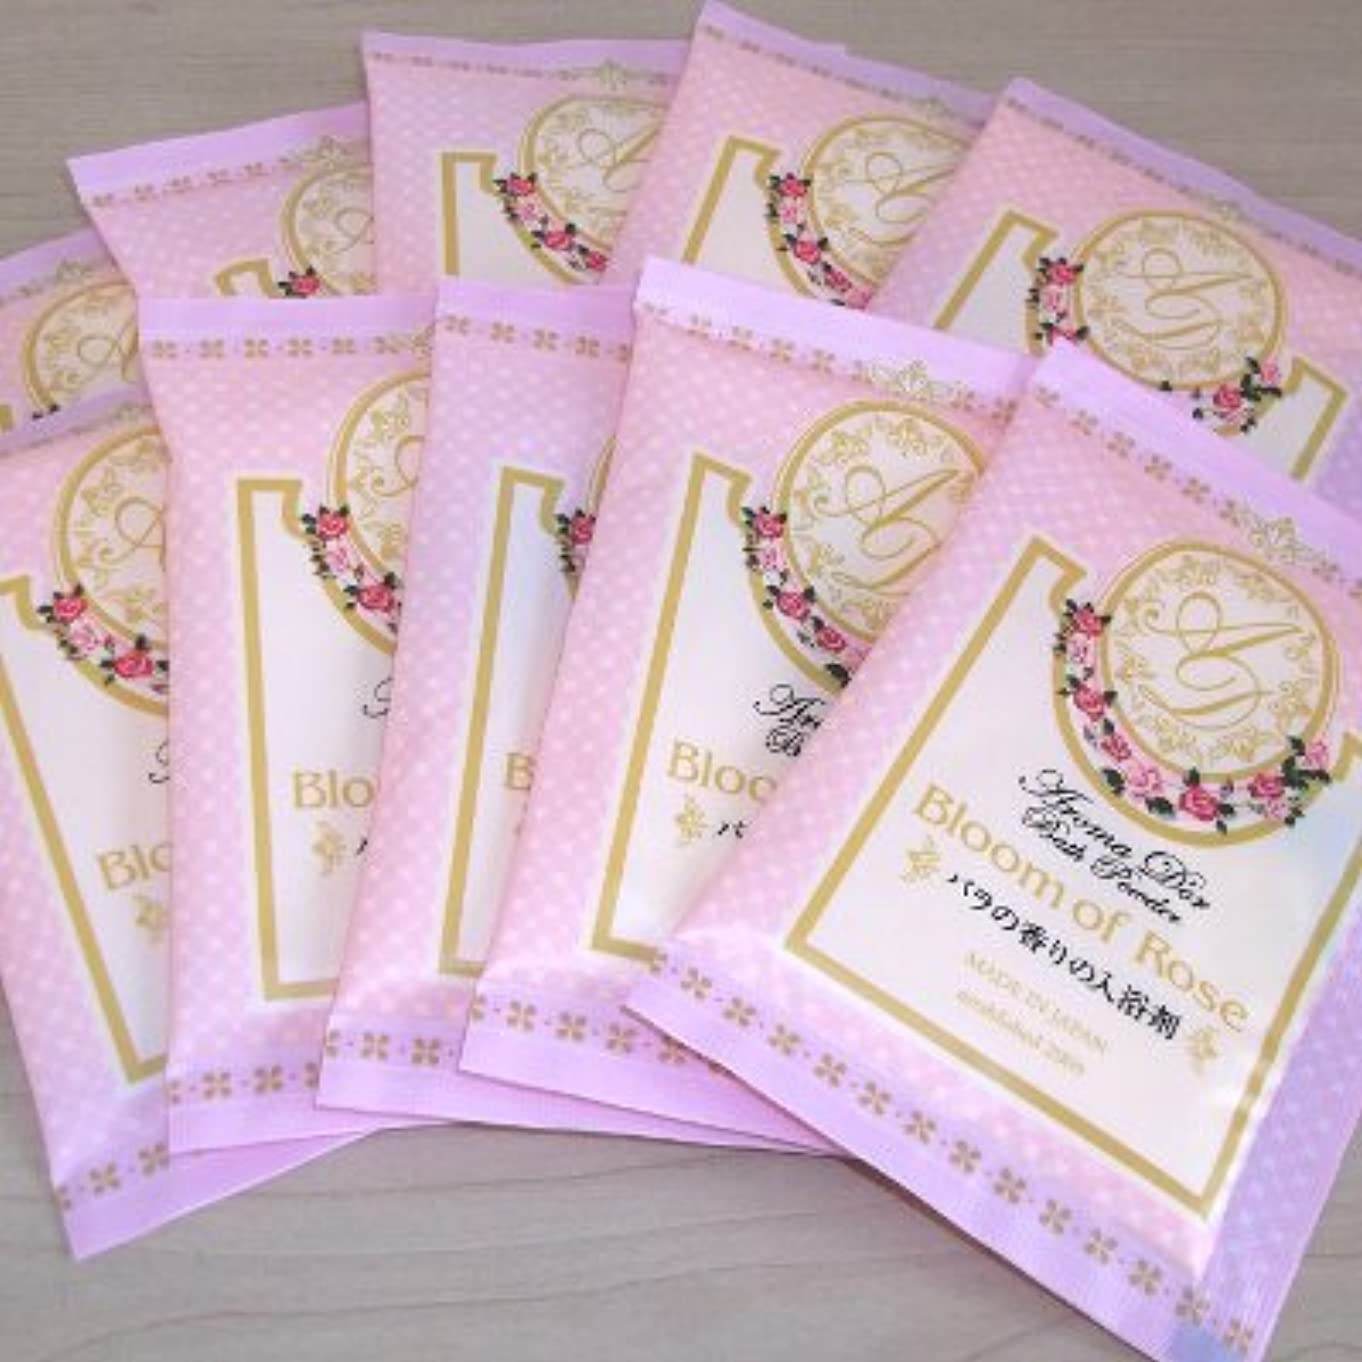 思いやりシリング動物園アロマドール バラの香り 10包セット